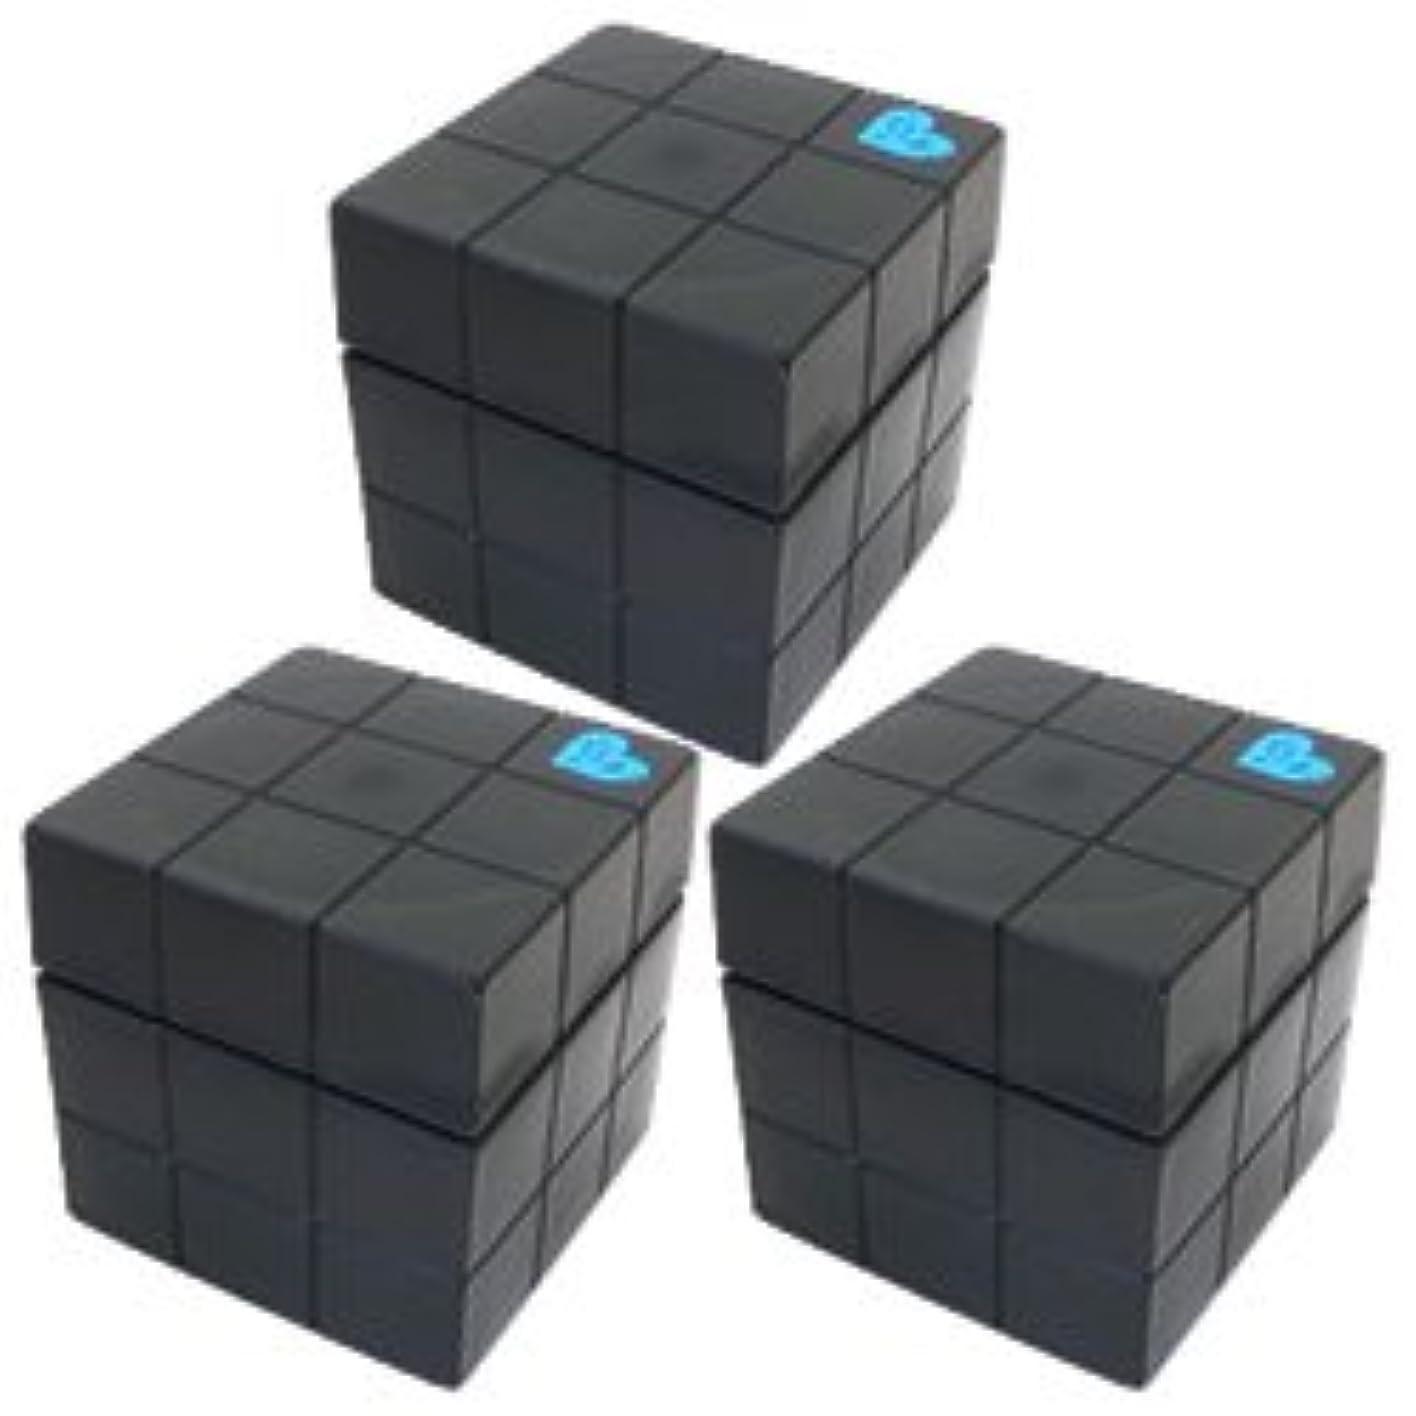 インフルエンザ信頼性フィードオンアリミノ ピース フリーズキープワックス80g(ブラック)3個セット